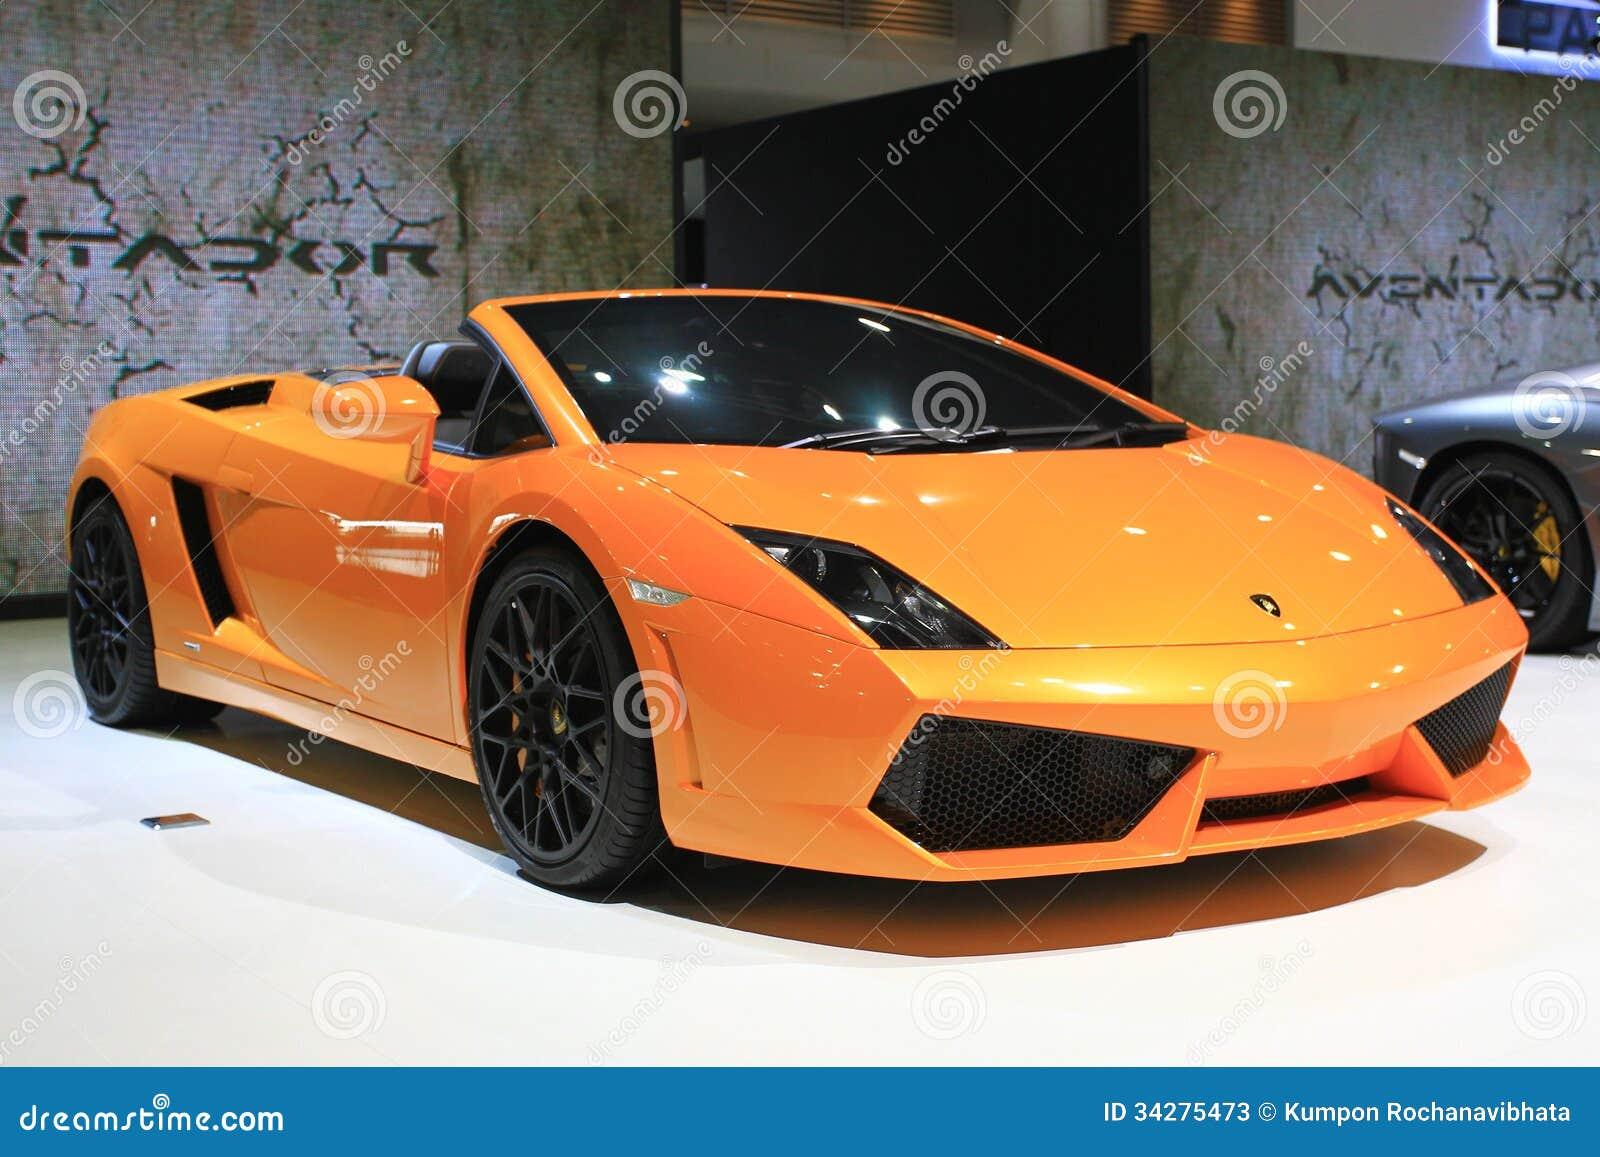 För Bangkok för Lamborghini AVENTADOR sportbil salong automatisk